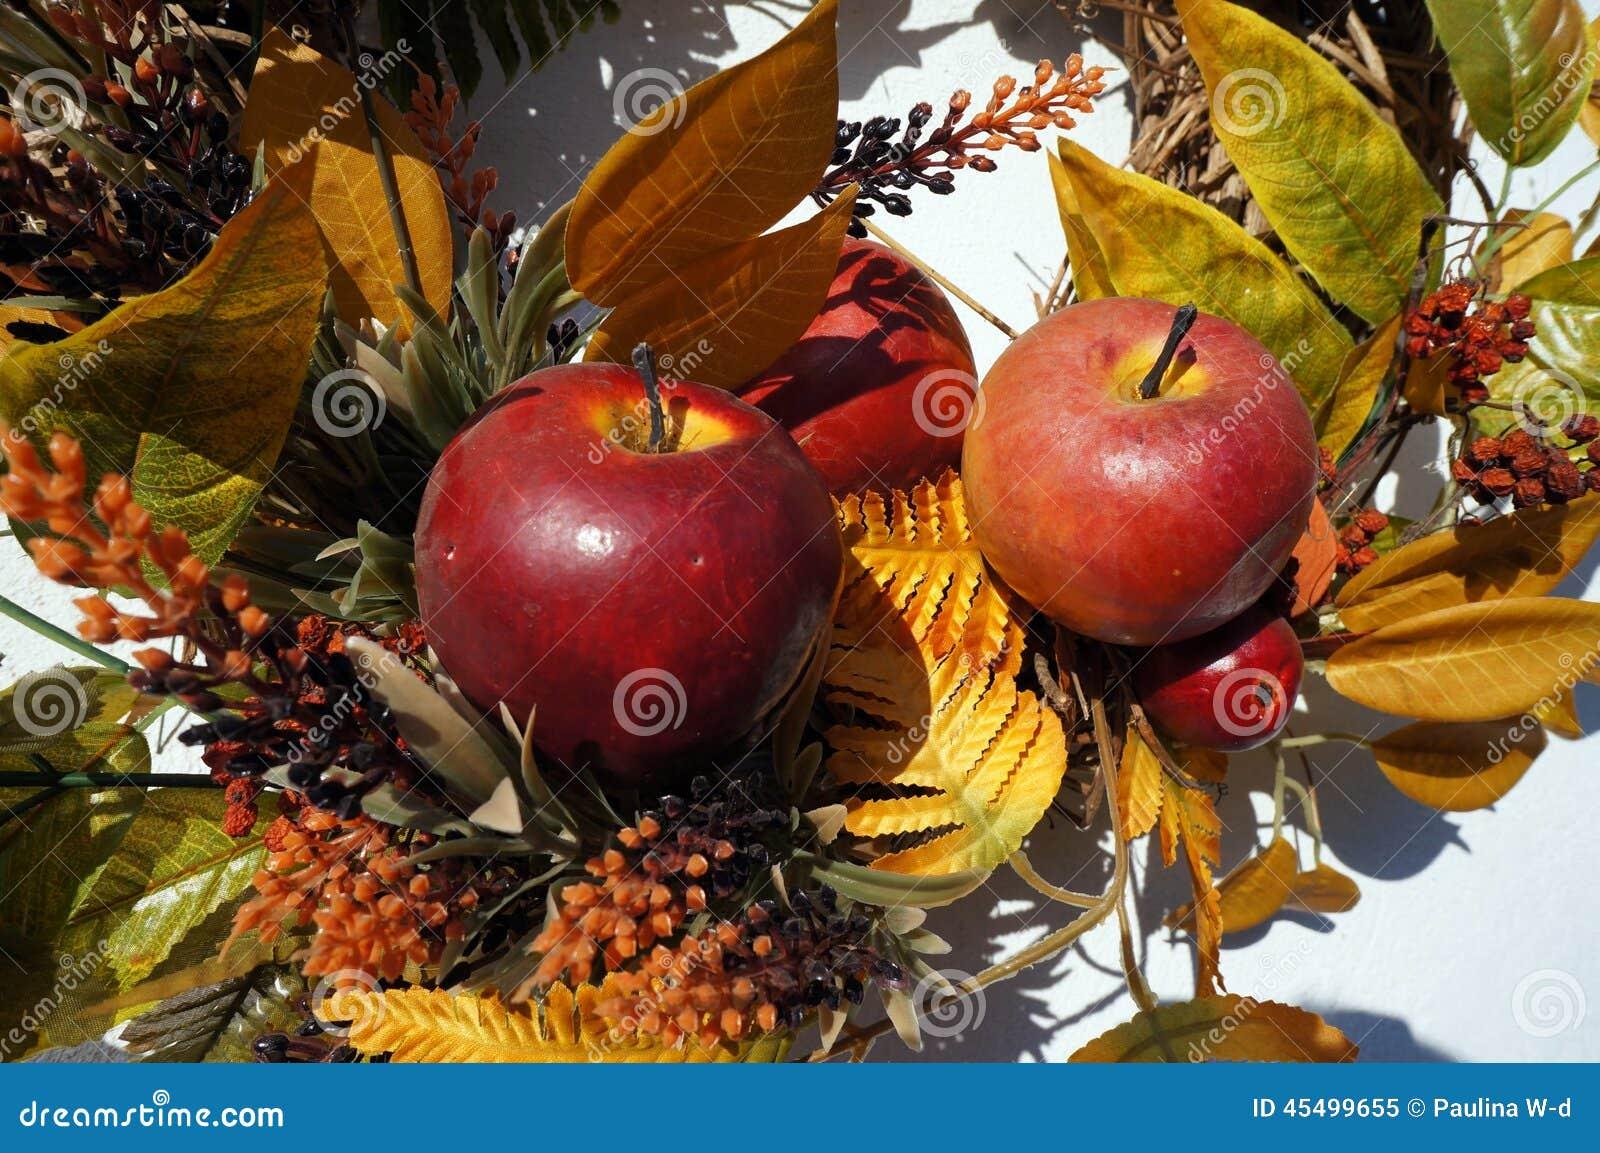 Herbstdekoration, Kranz, bunte Blätter, orange und gelb, Äpfel